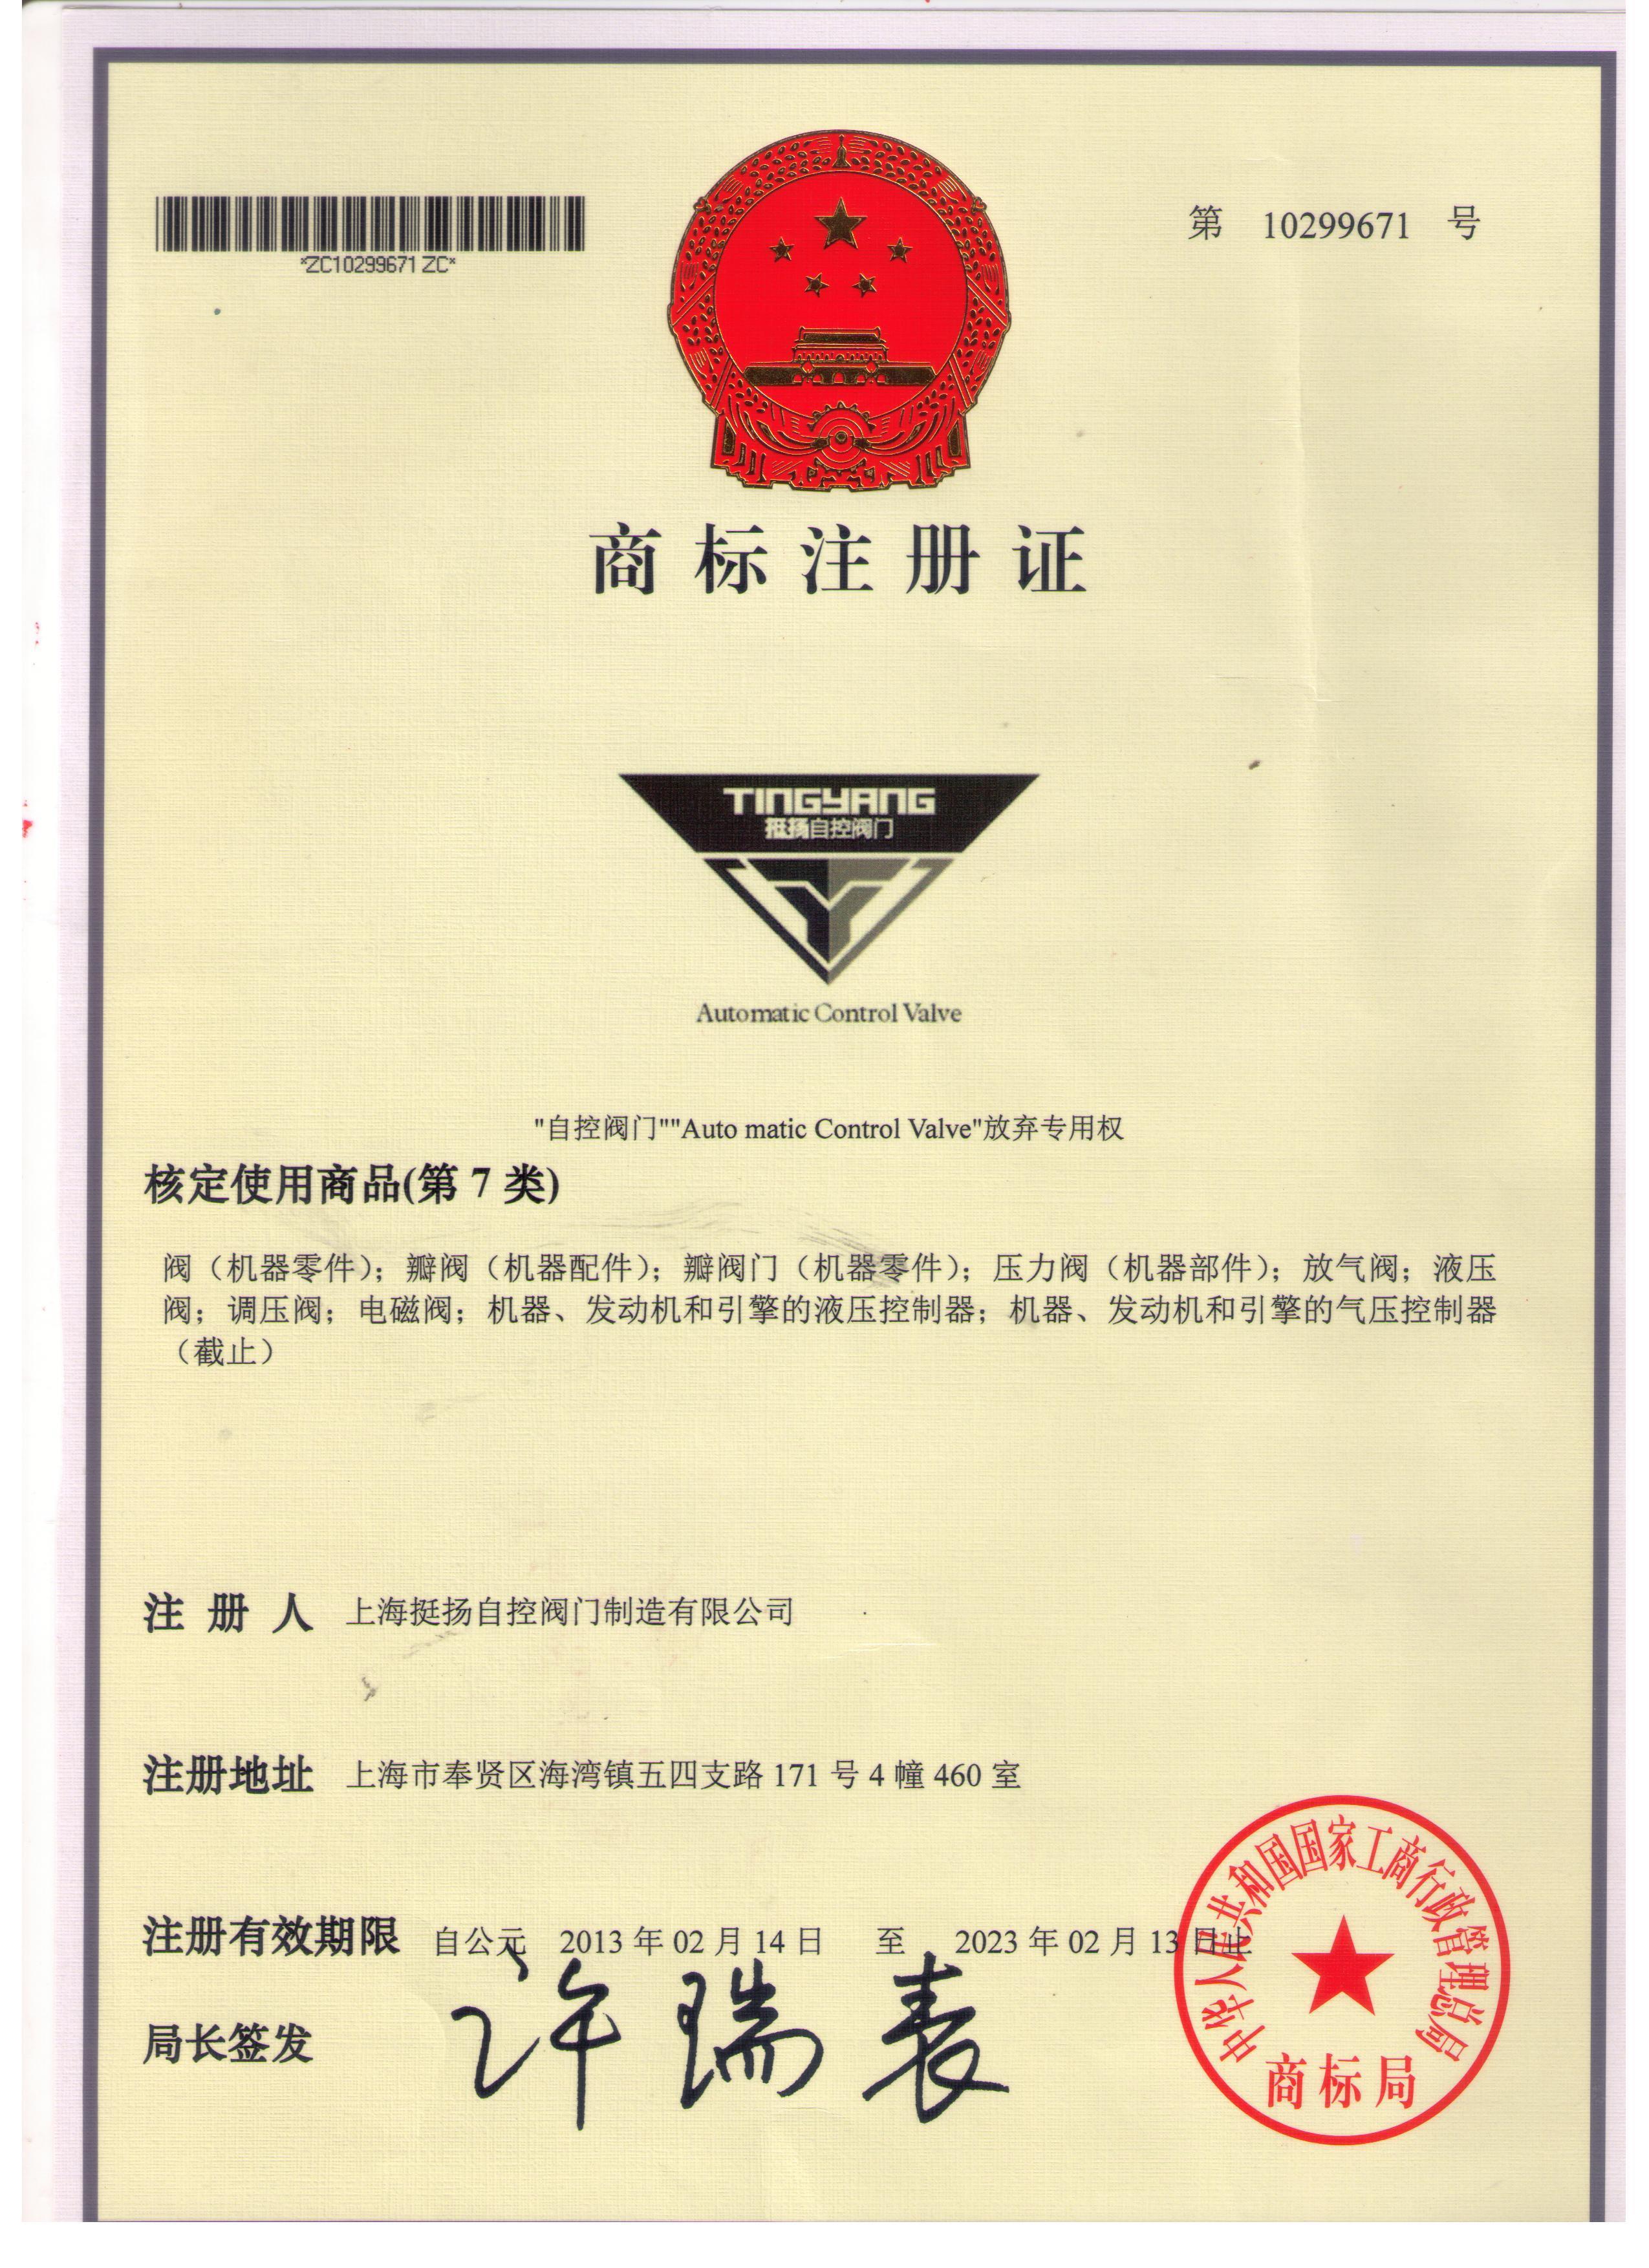 國家商標總局注冊證